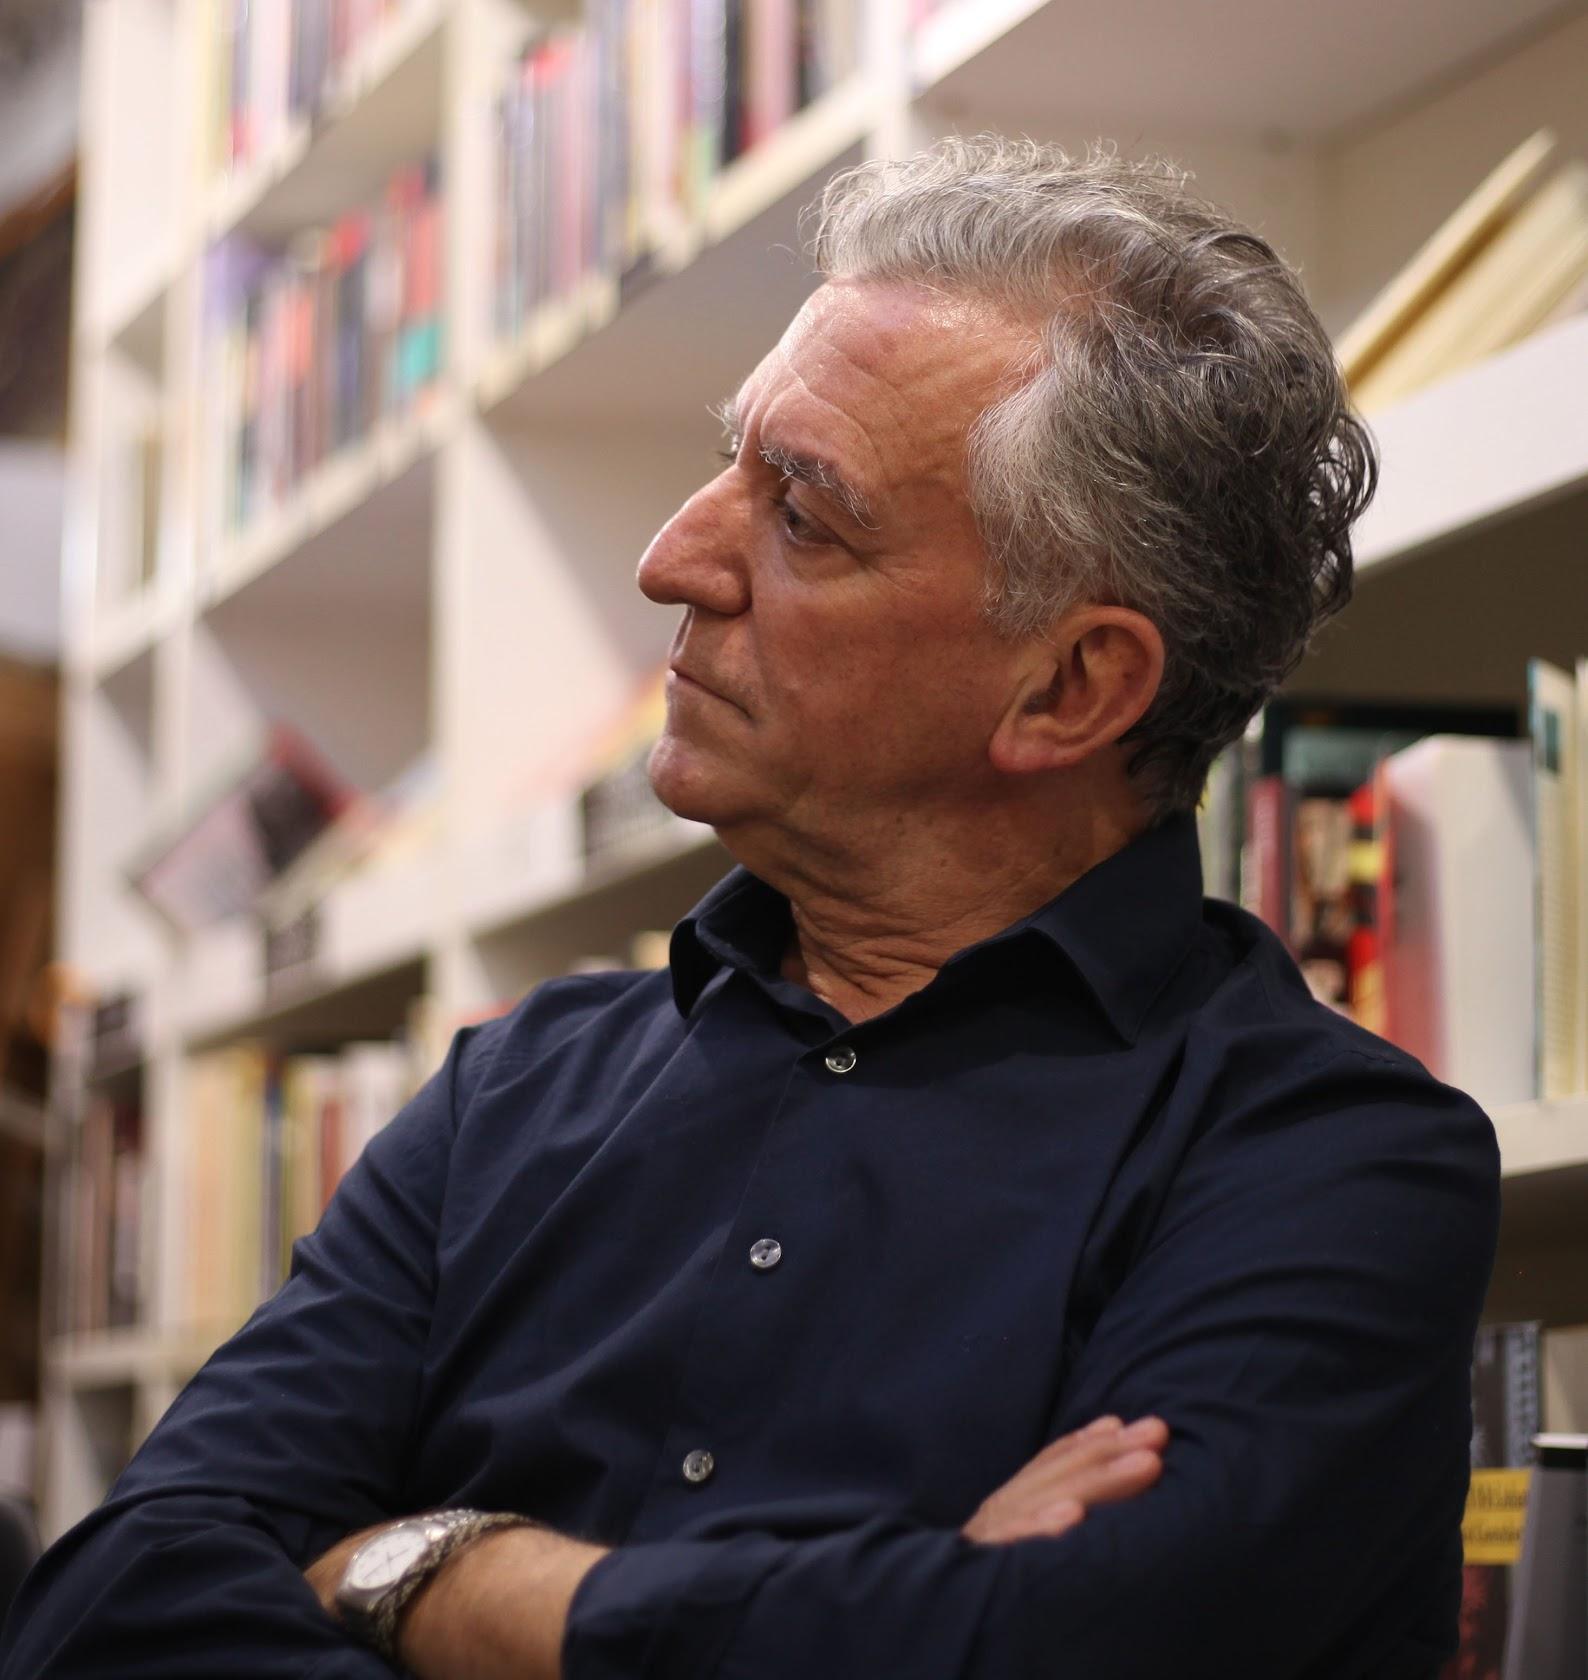 Seminario Ignacio Castro Rey | 6 junio 2018 #Avivament2018